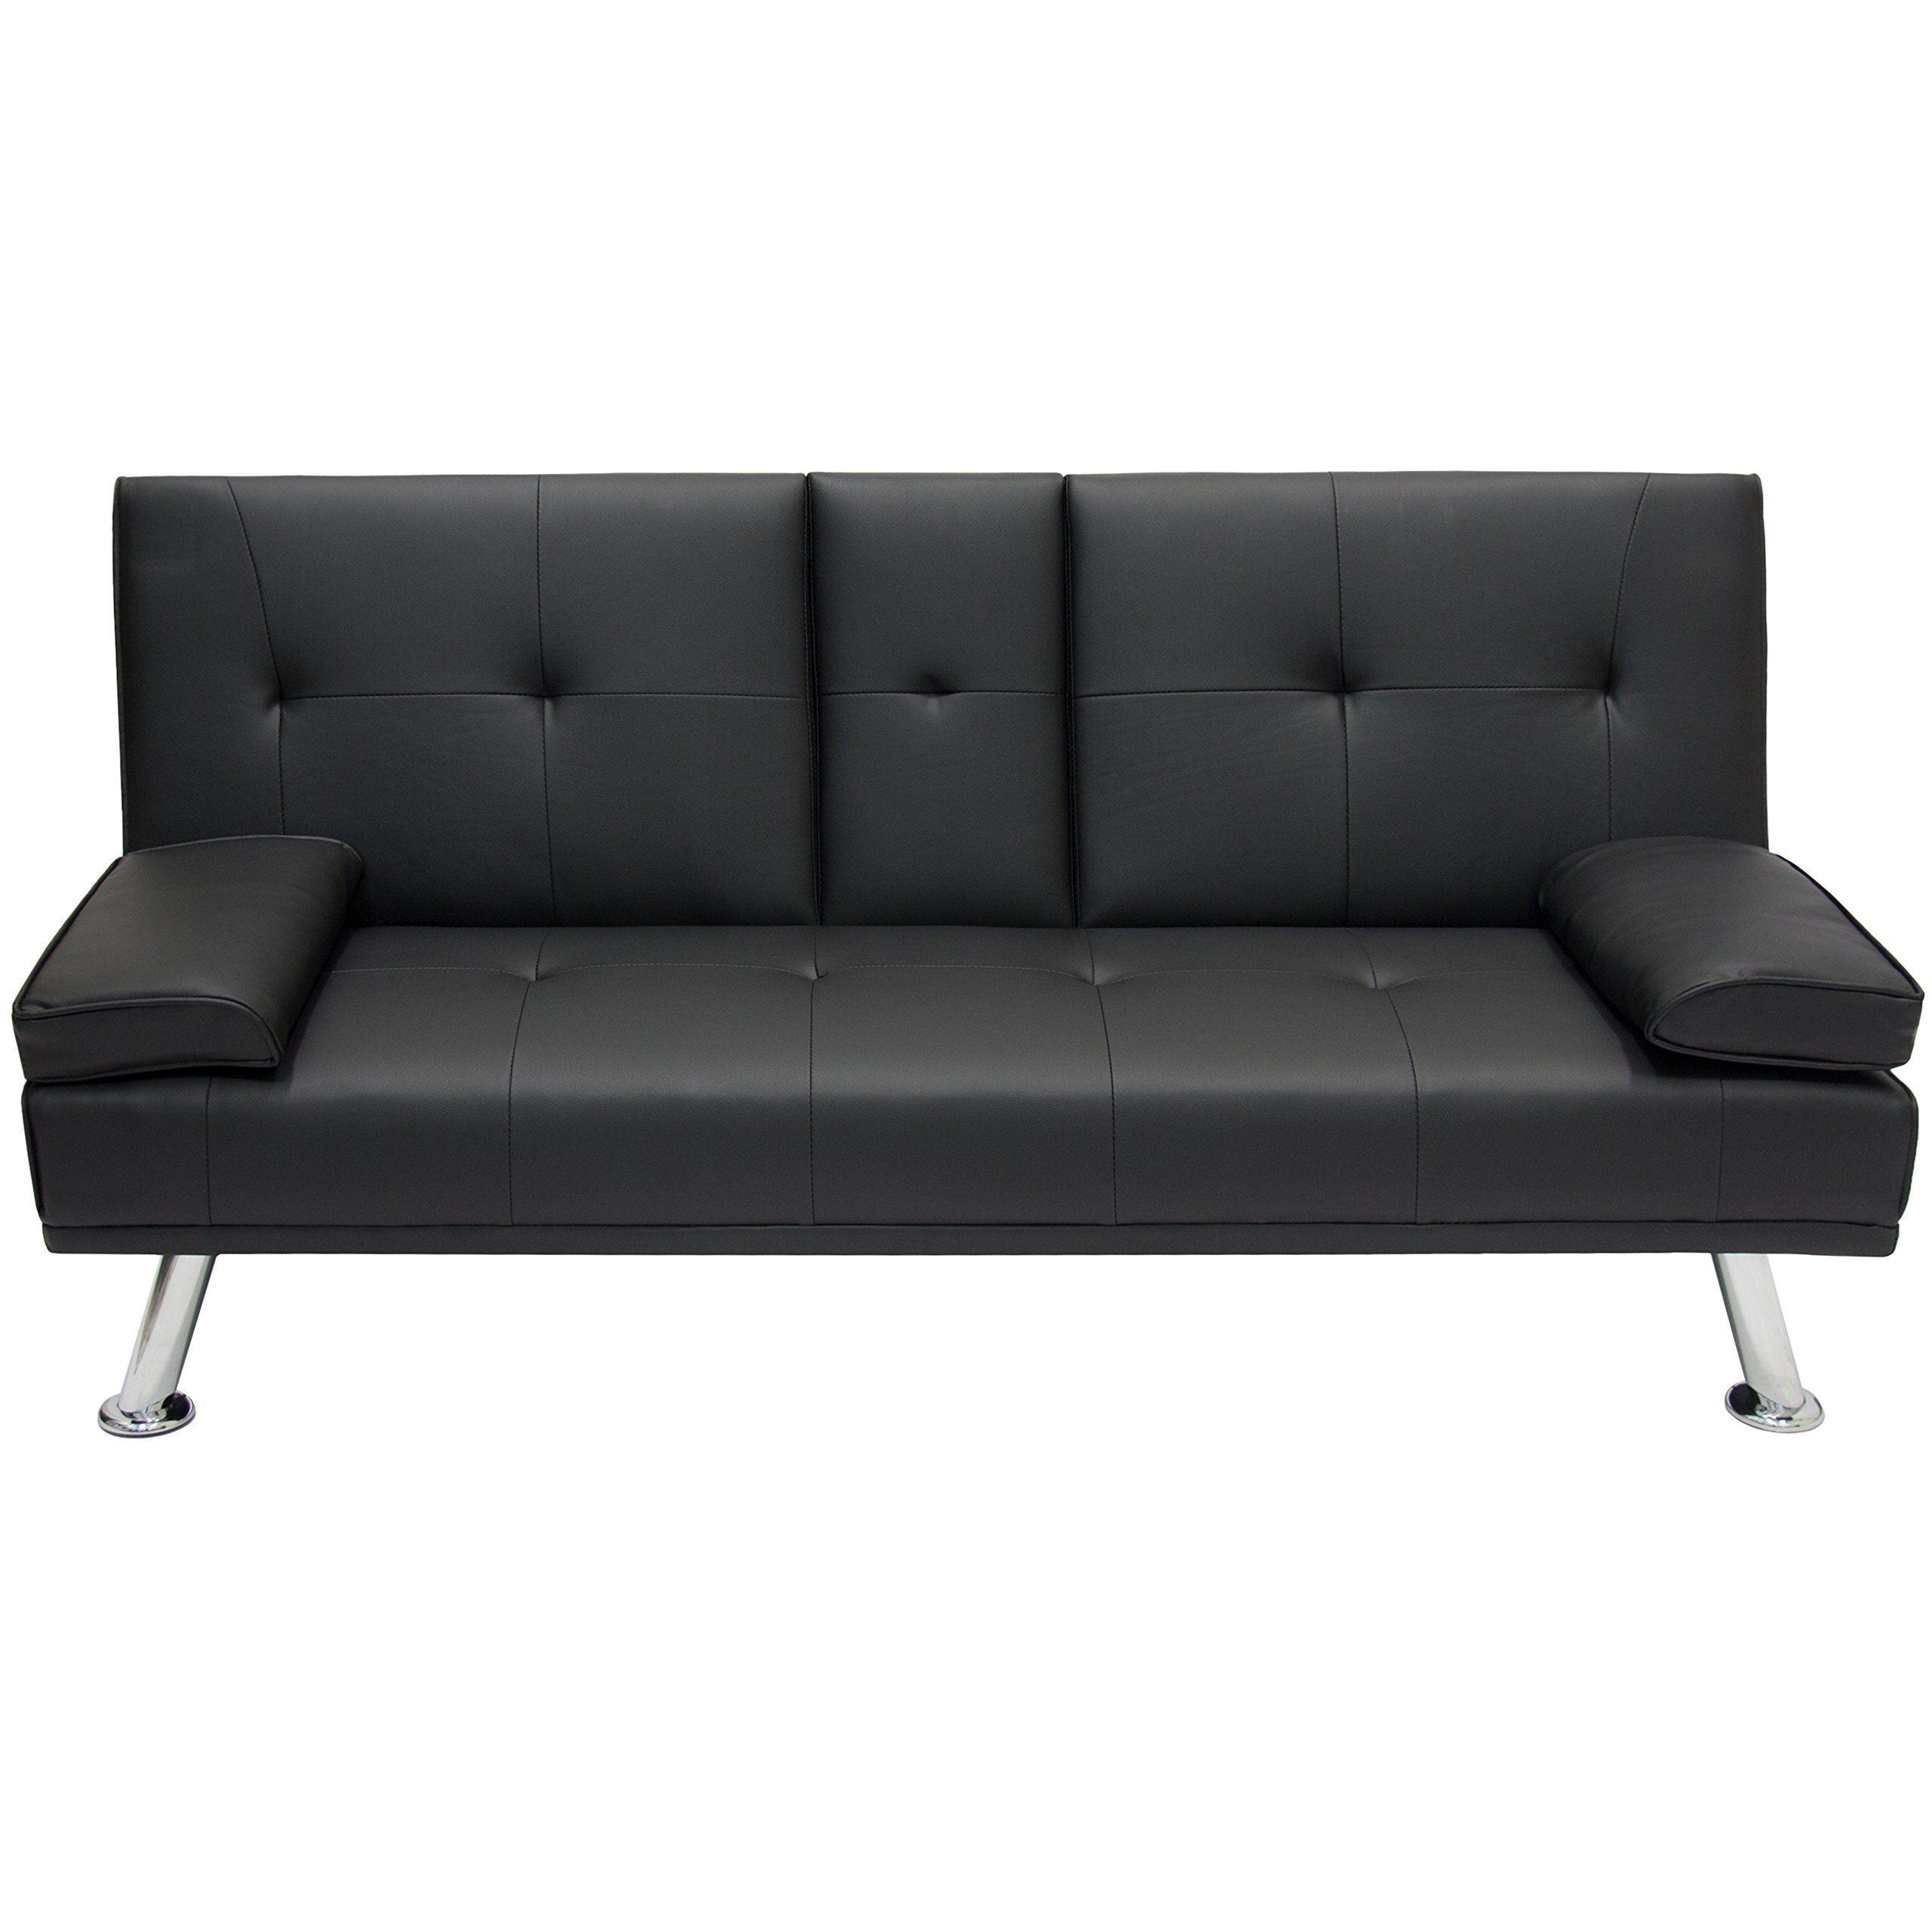 Futon Black Sofa Bed